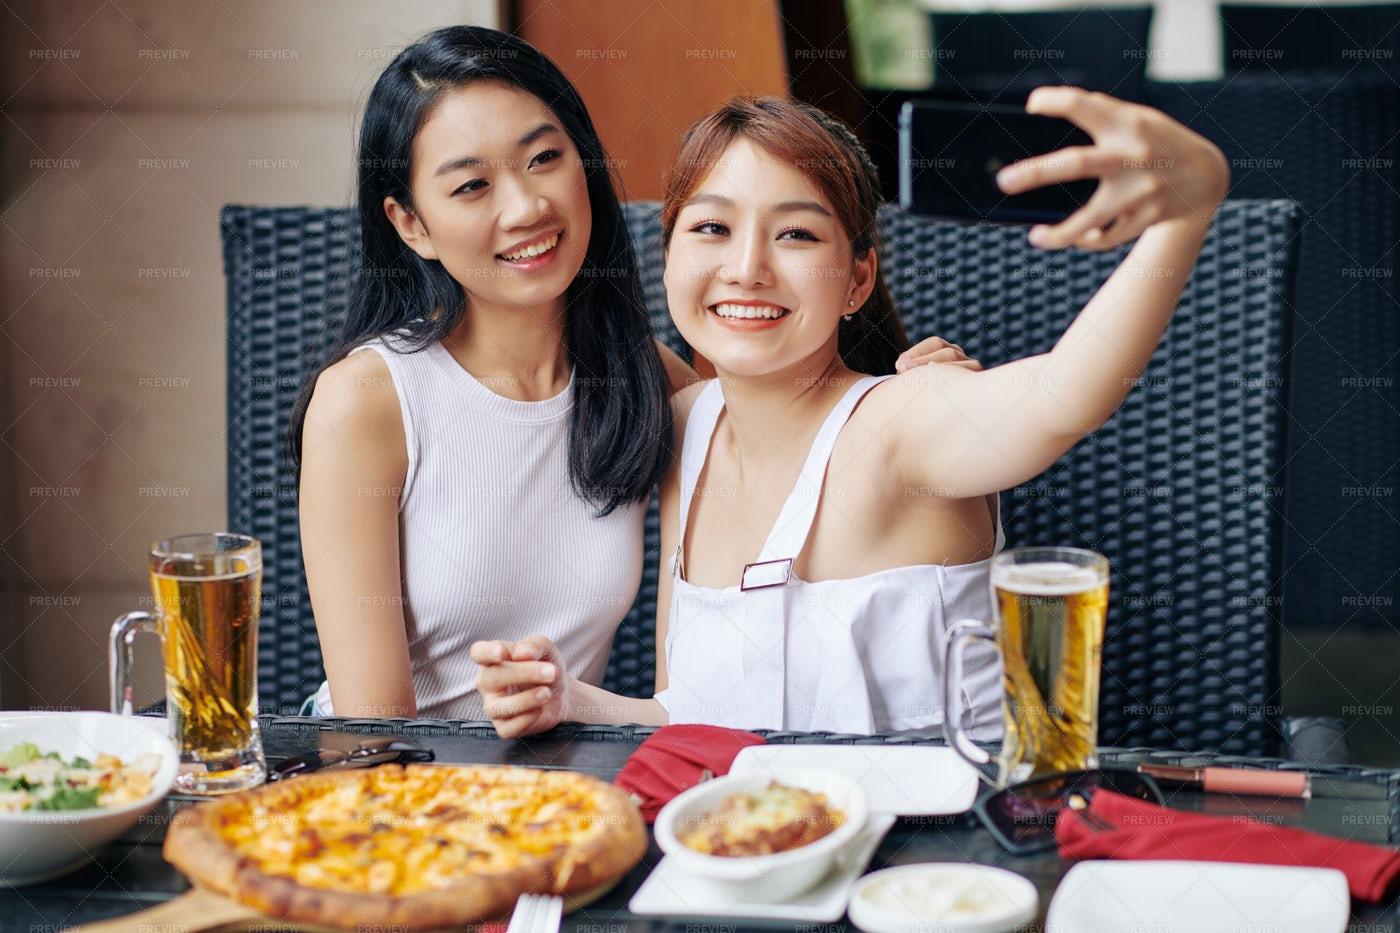 Selfie Portrait With Friend: Stock Photos